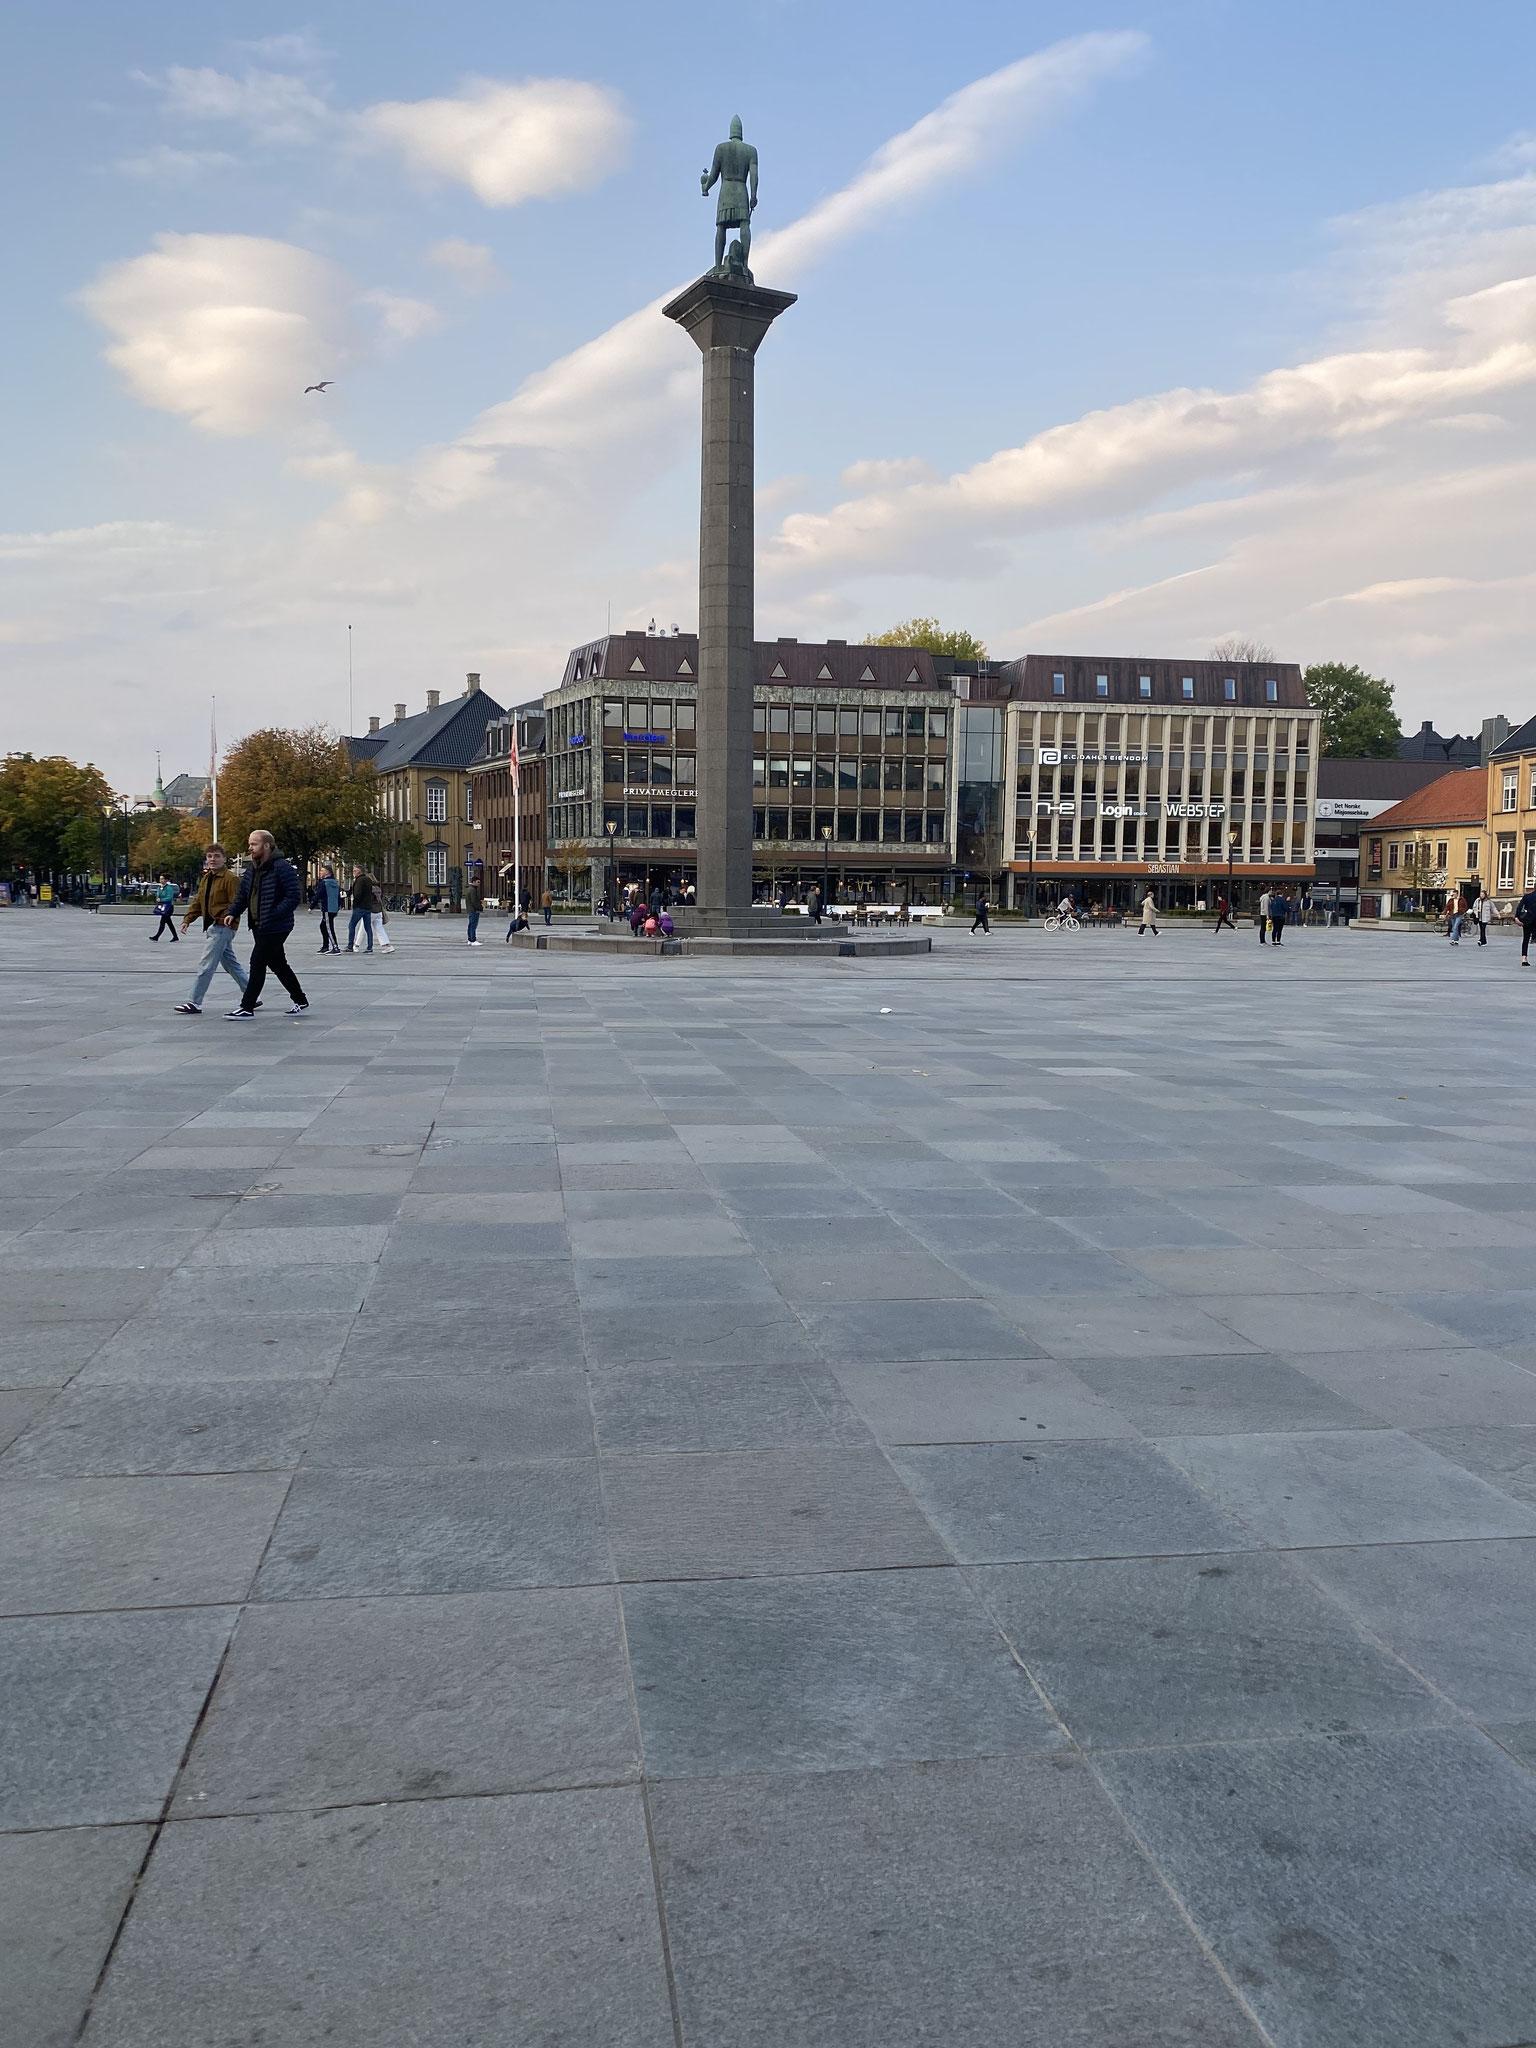 Der Trondheim Torg ist der Marktplatz in der Mitte der Stadt. Von hier aus sind wir gerne losgezogen, um die Umgebung zu erkunden.